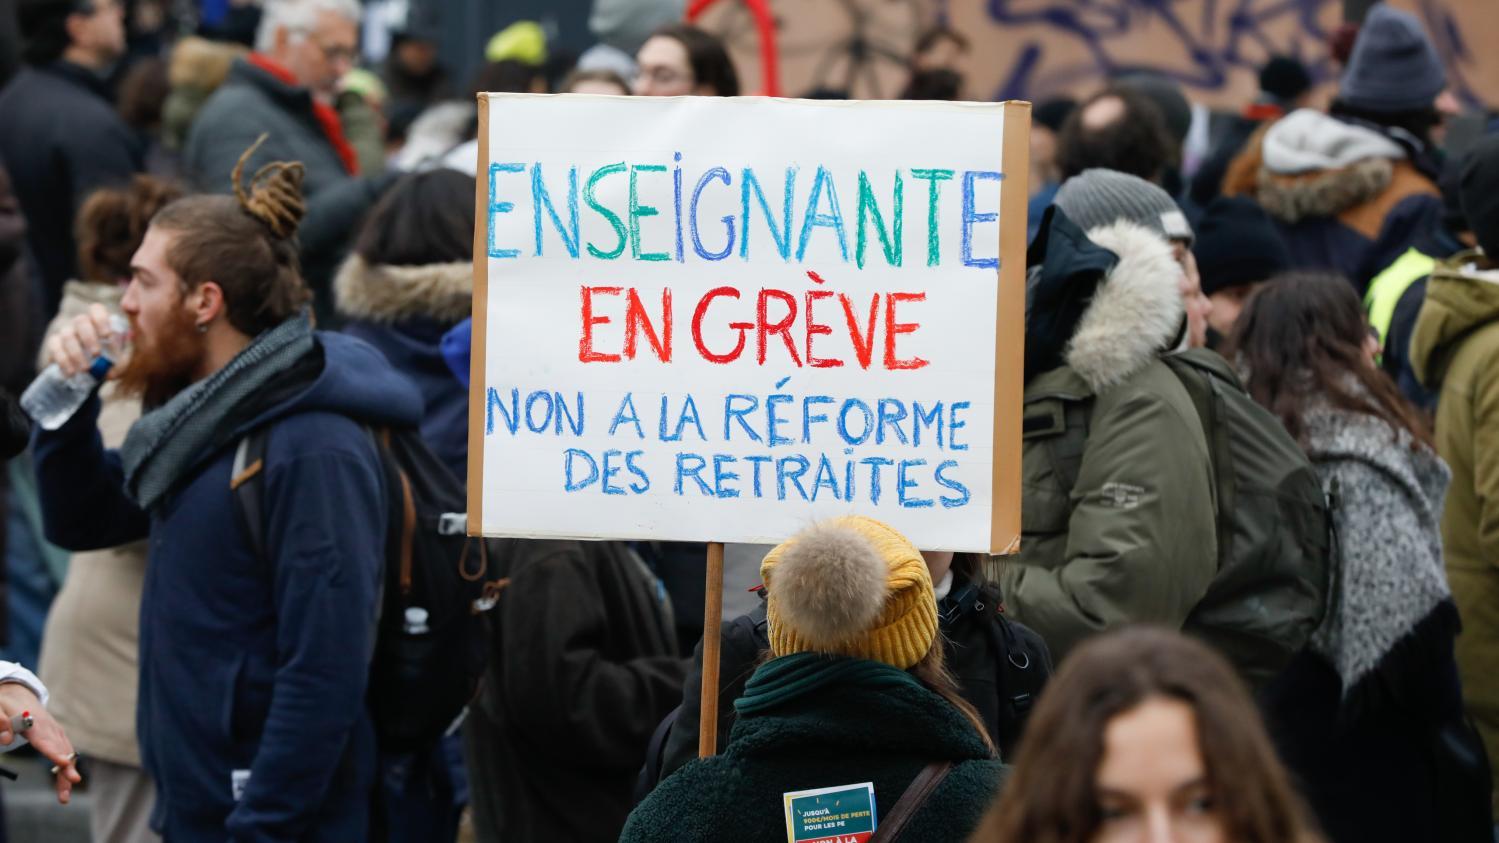 «On est dans le flou»: une enseignante inquiète par la réforme des retraites